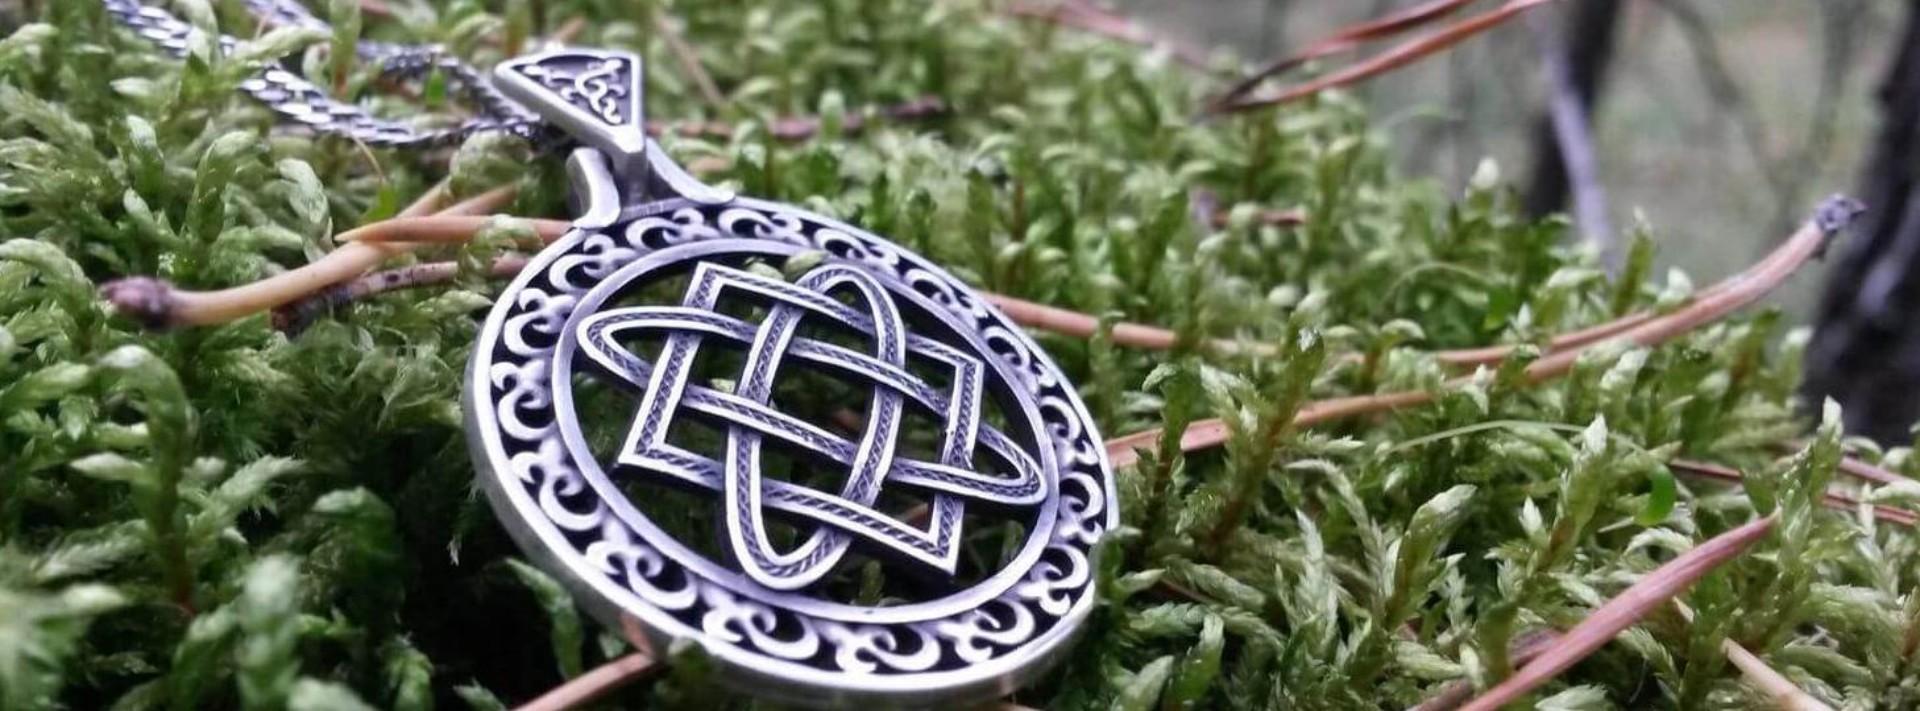 Символ Рода из серебра.